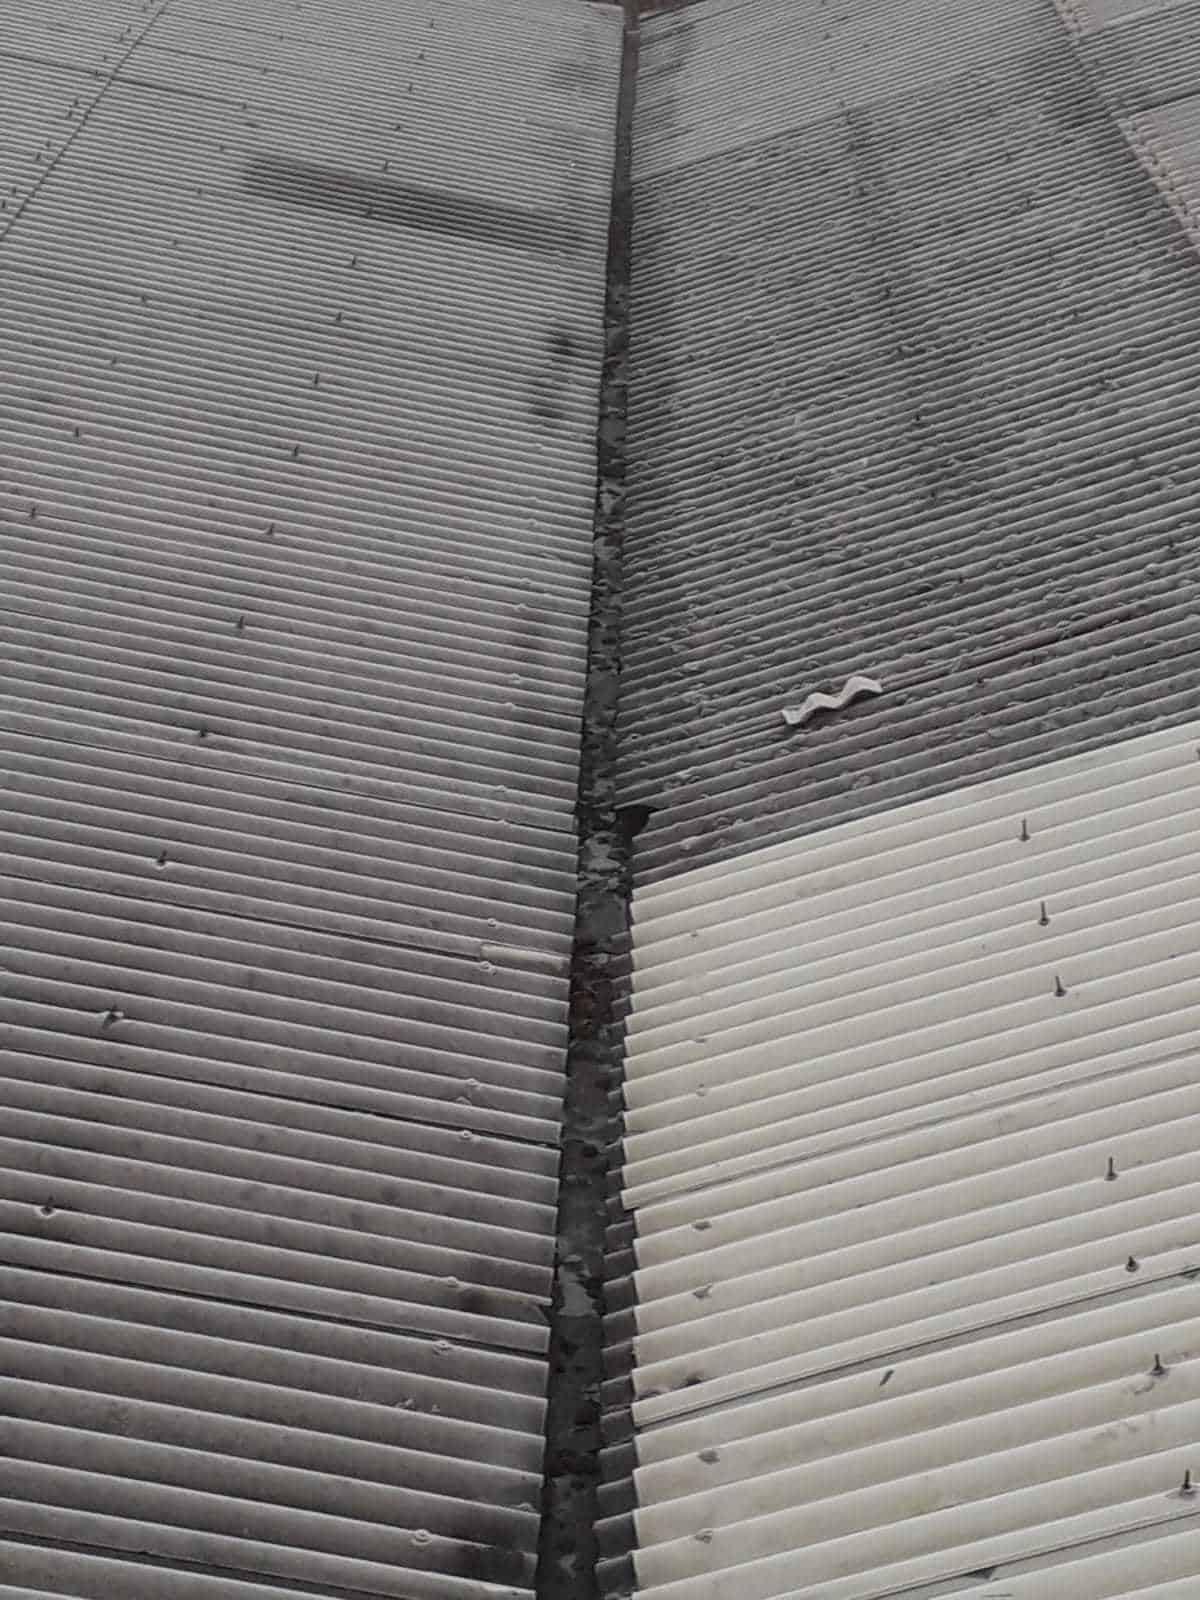 Haywood-Packaging-Leeds-Gutter-Clear-Repair1